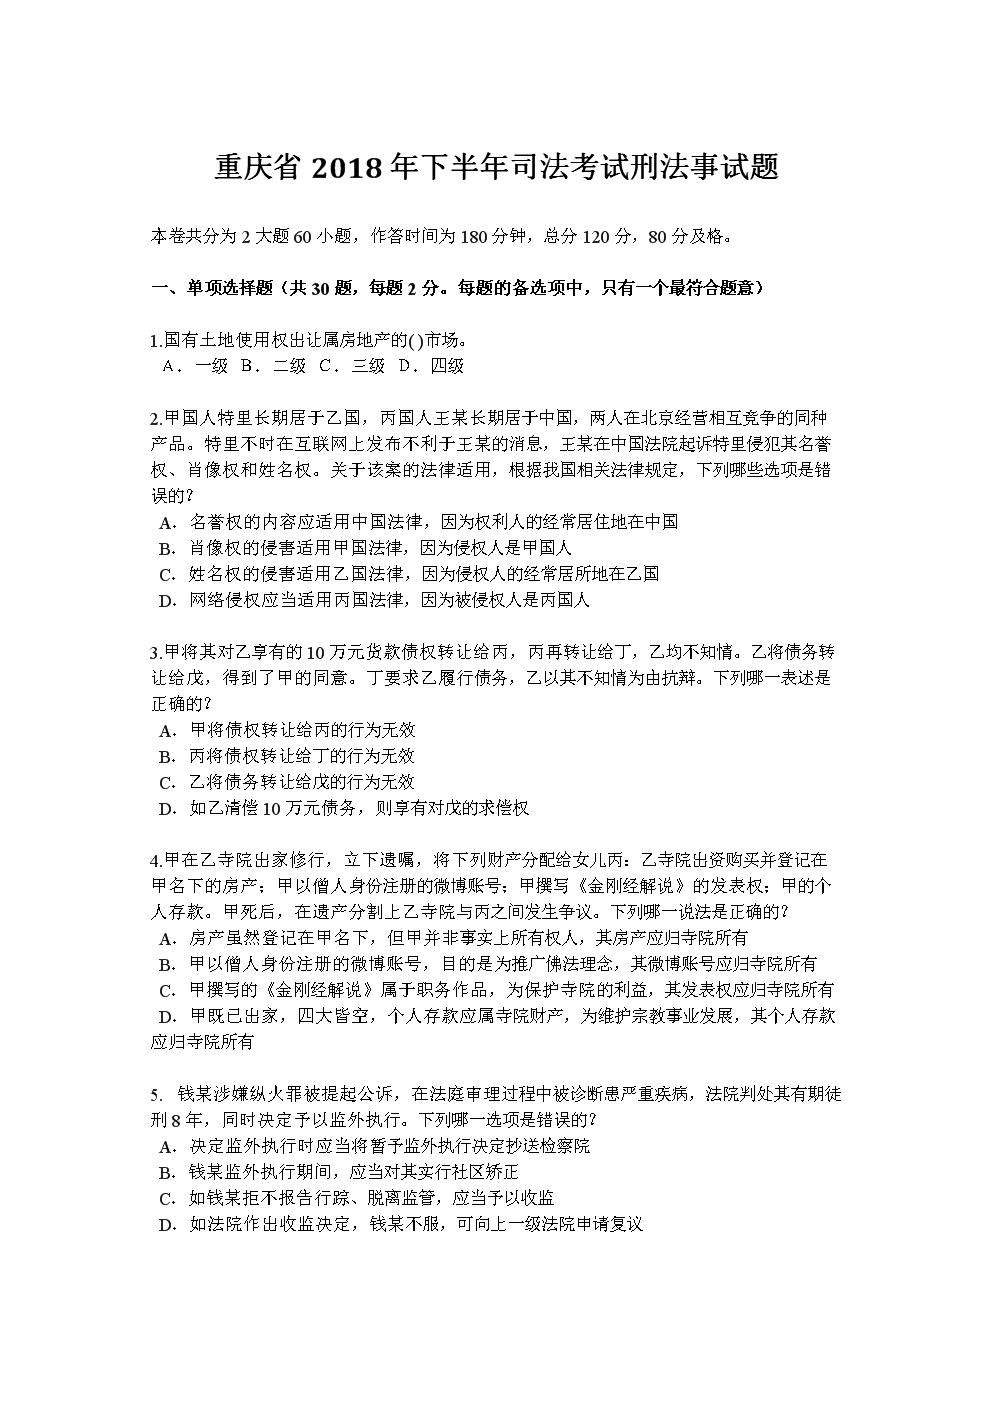 重庆省2018年下半年司法考试刑法事试题.docx